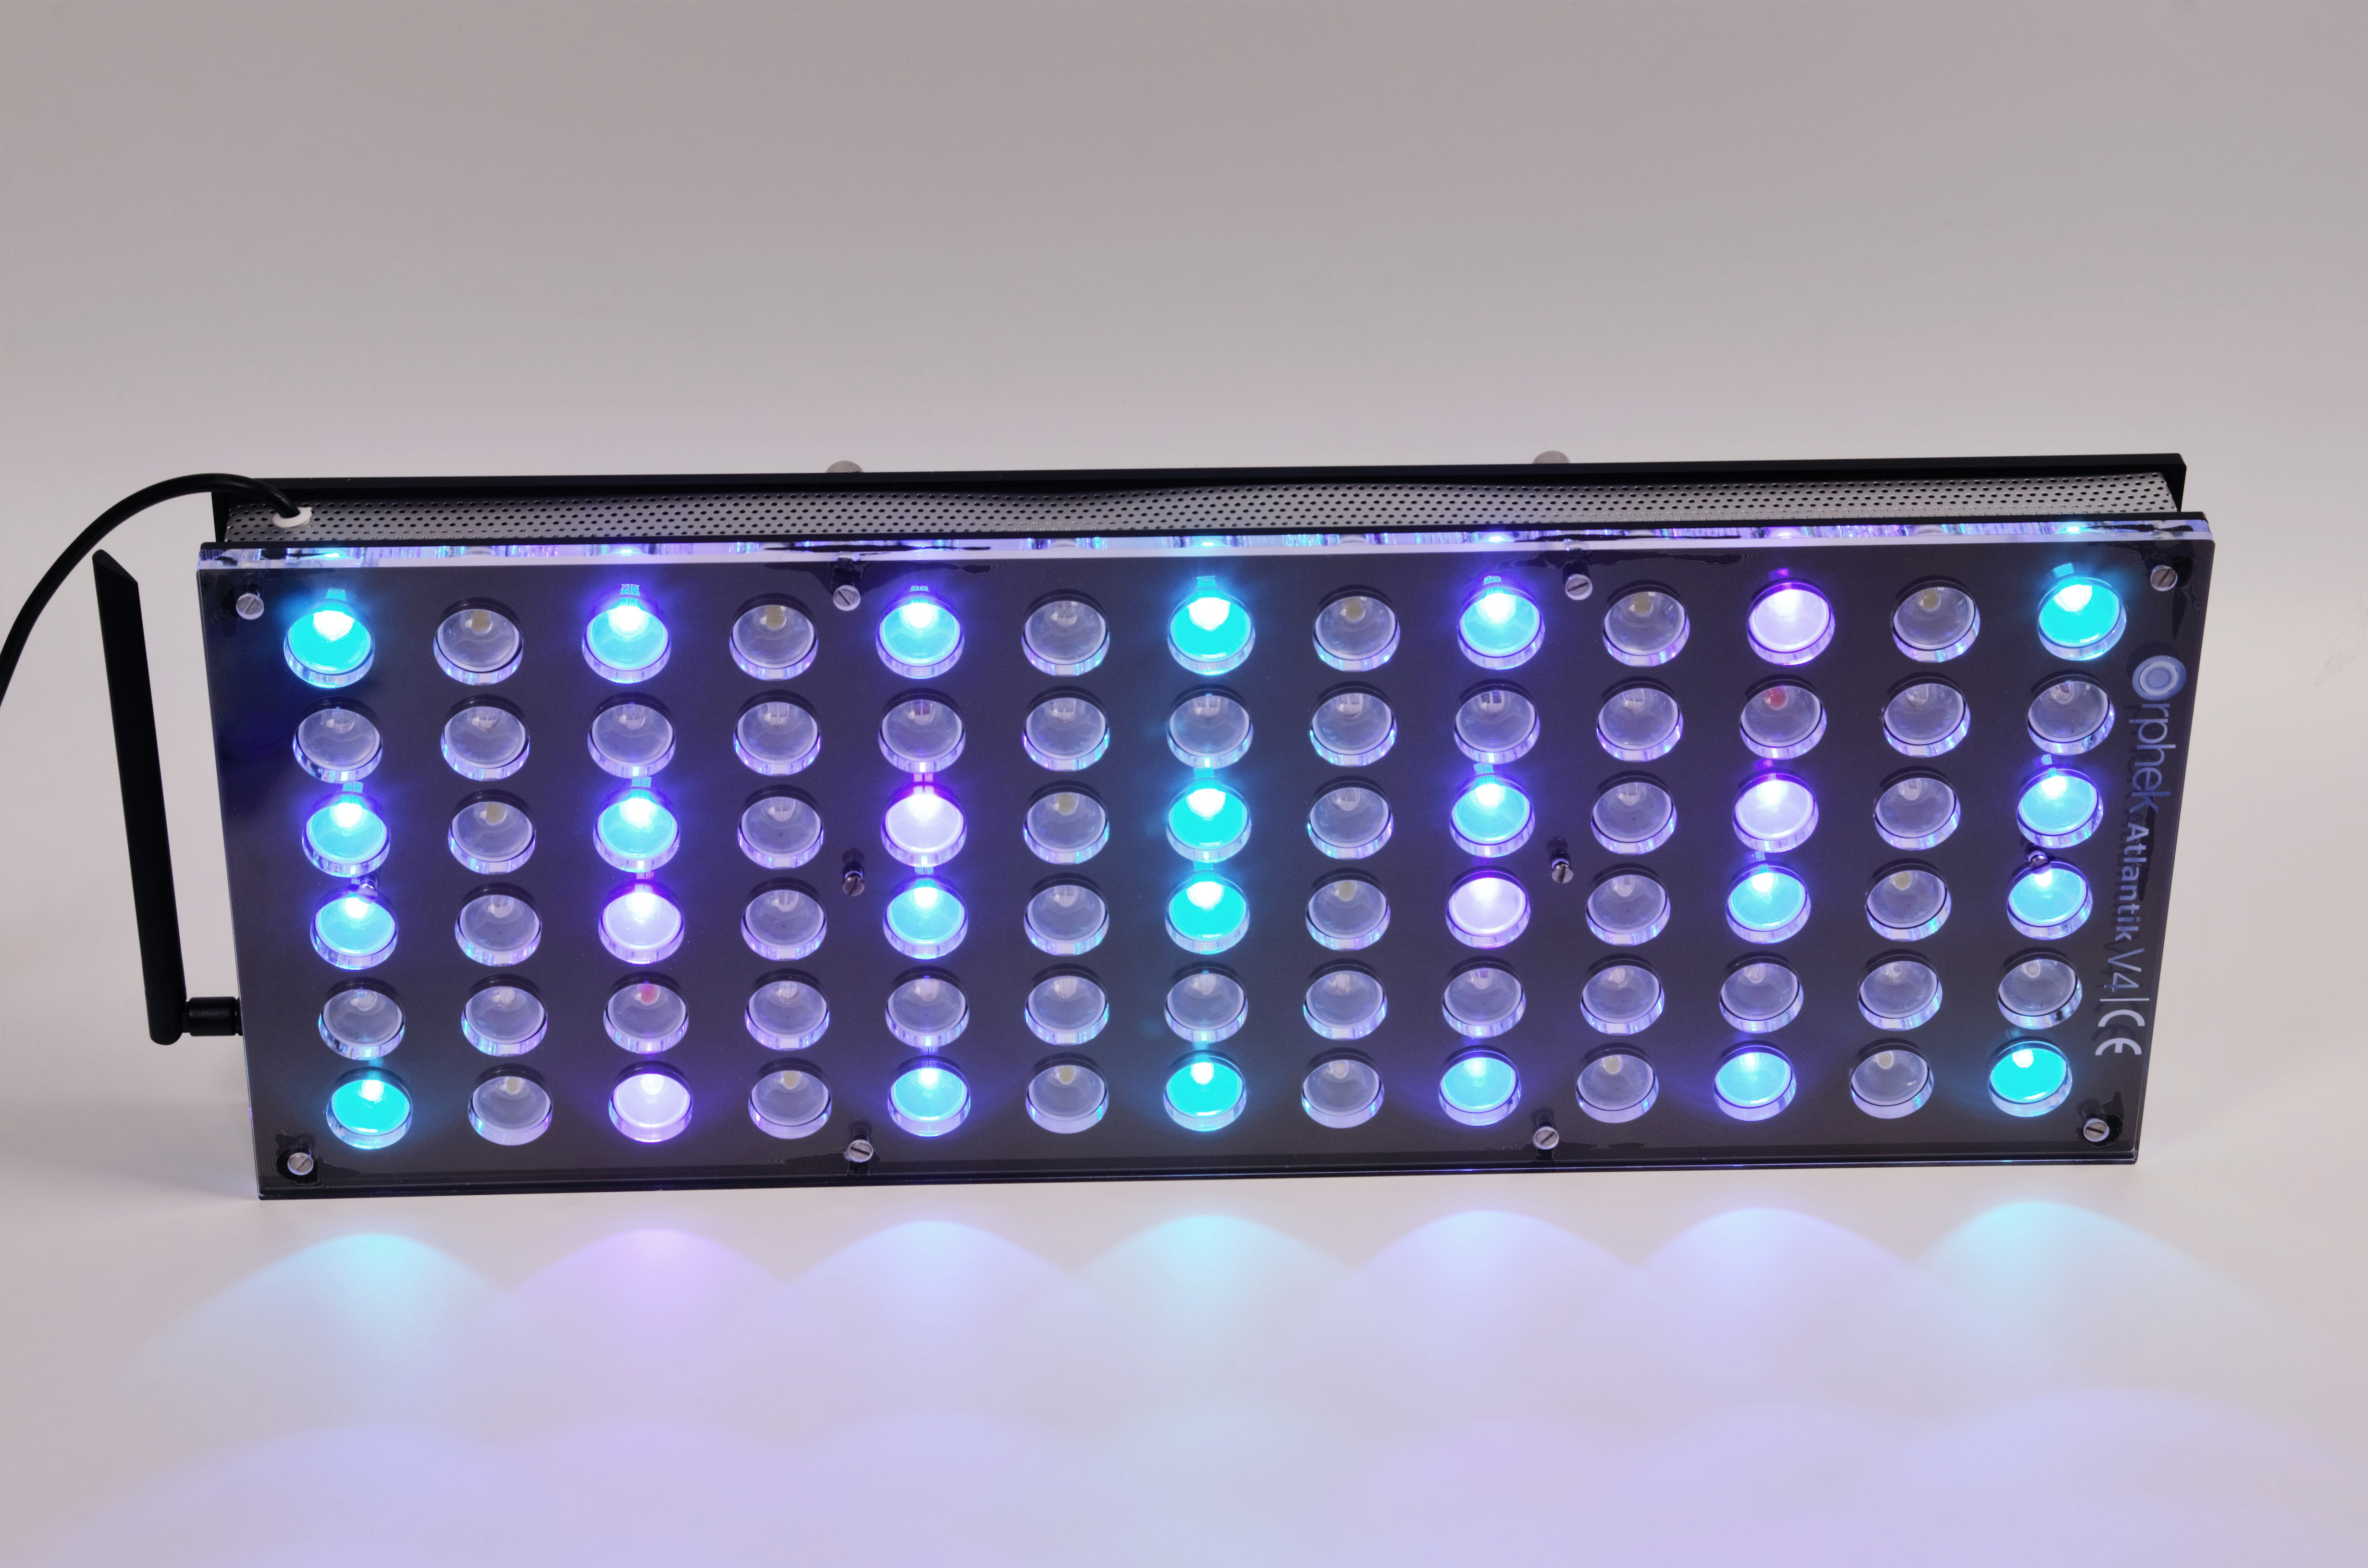 Orphek-Aquarium-LED-Lighting-Reef-Atlantik-V4-light-on-channel 2-DSC_4307